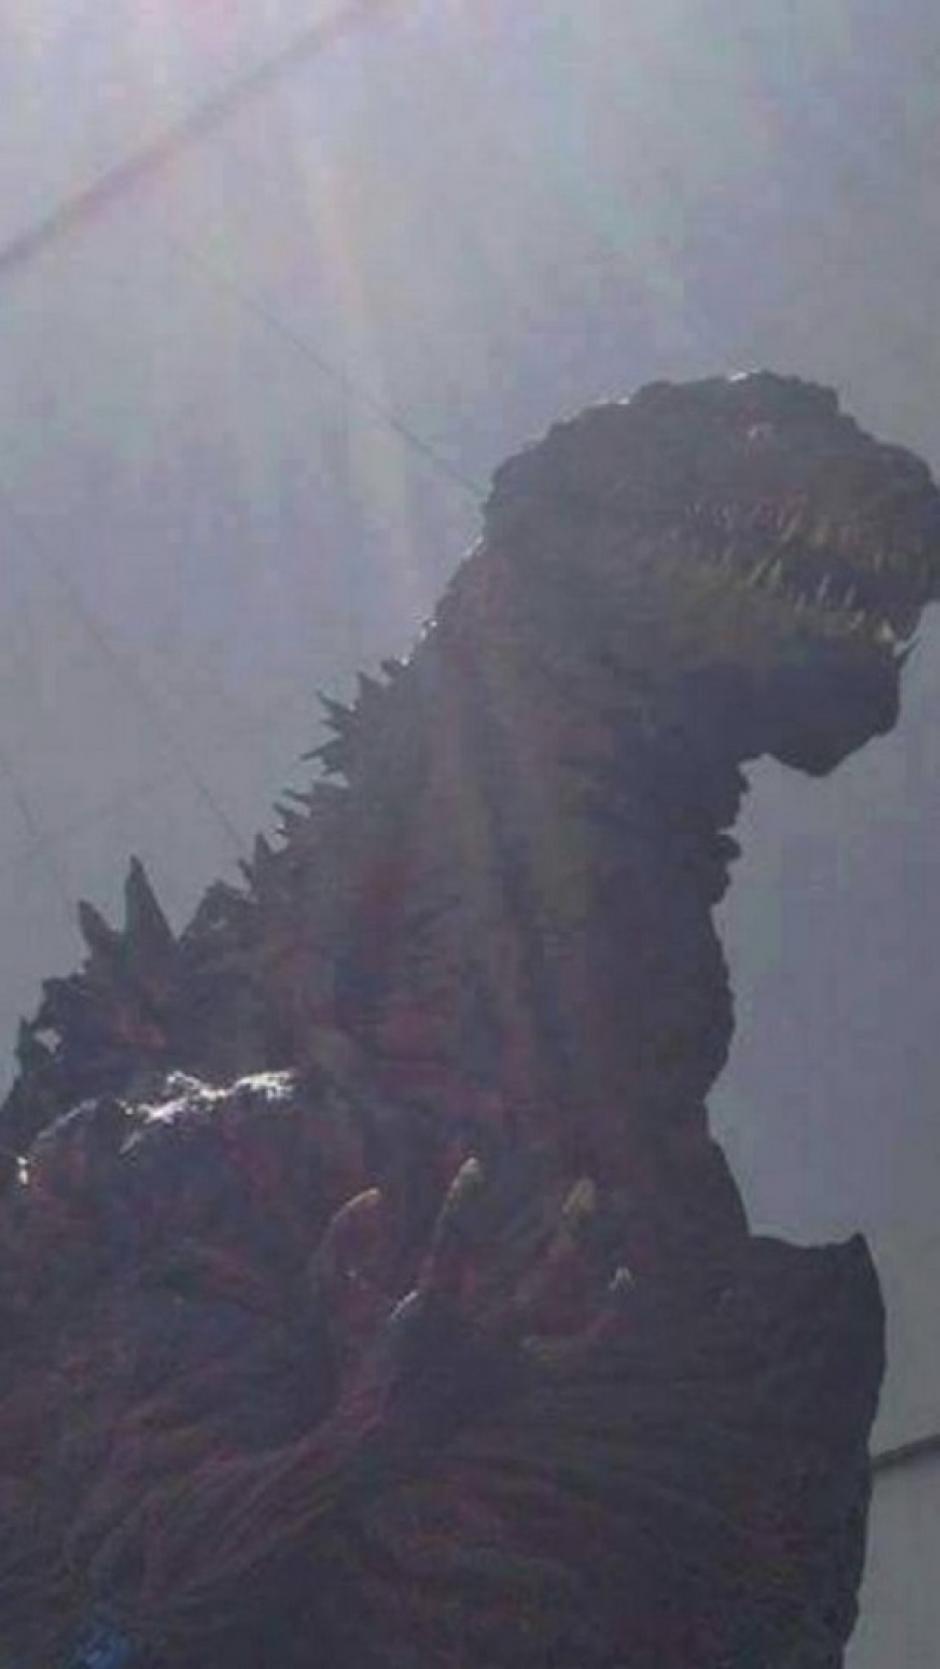 La nueva película de Godzilla se estrenará en junio de 2016. (Foto:lashorasperdidas)